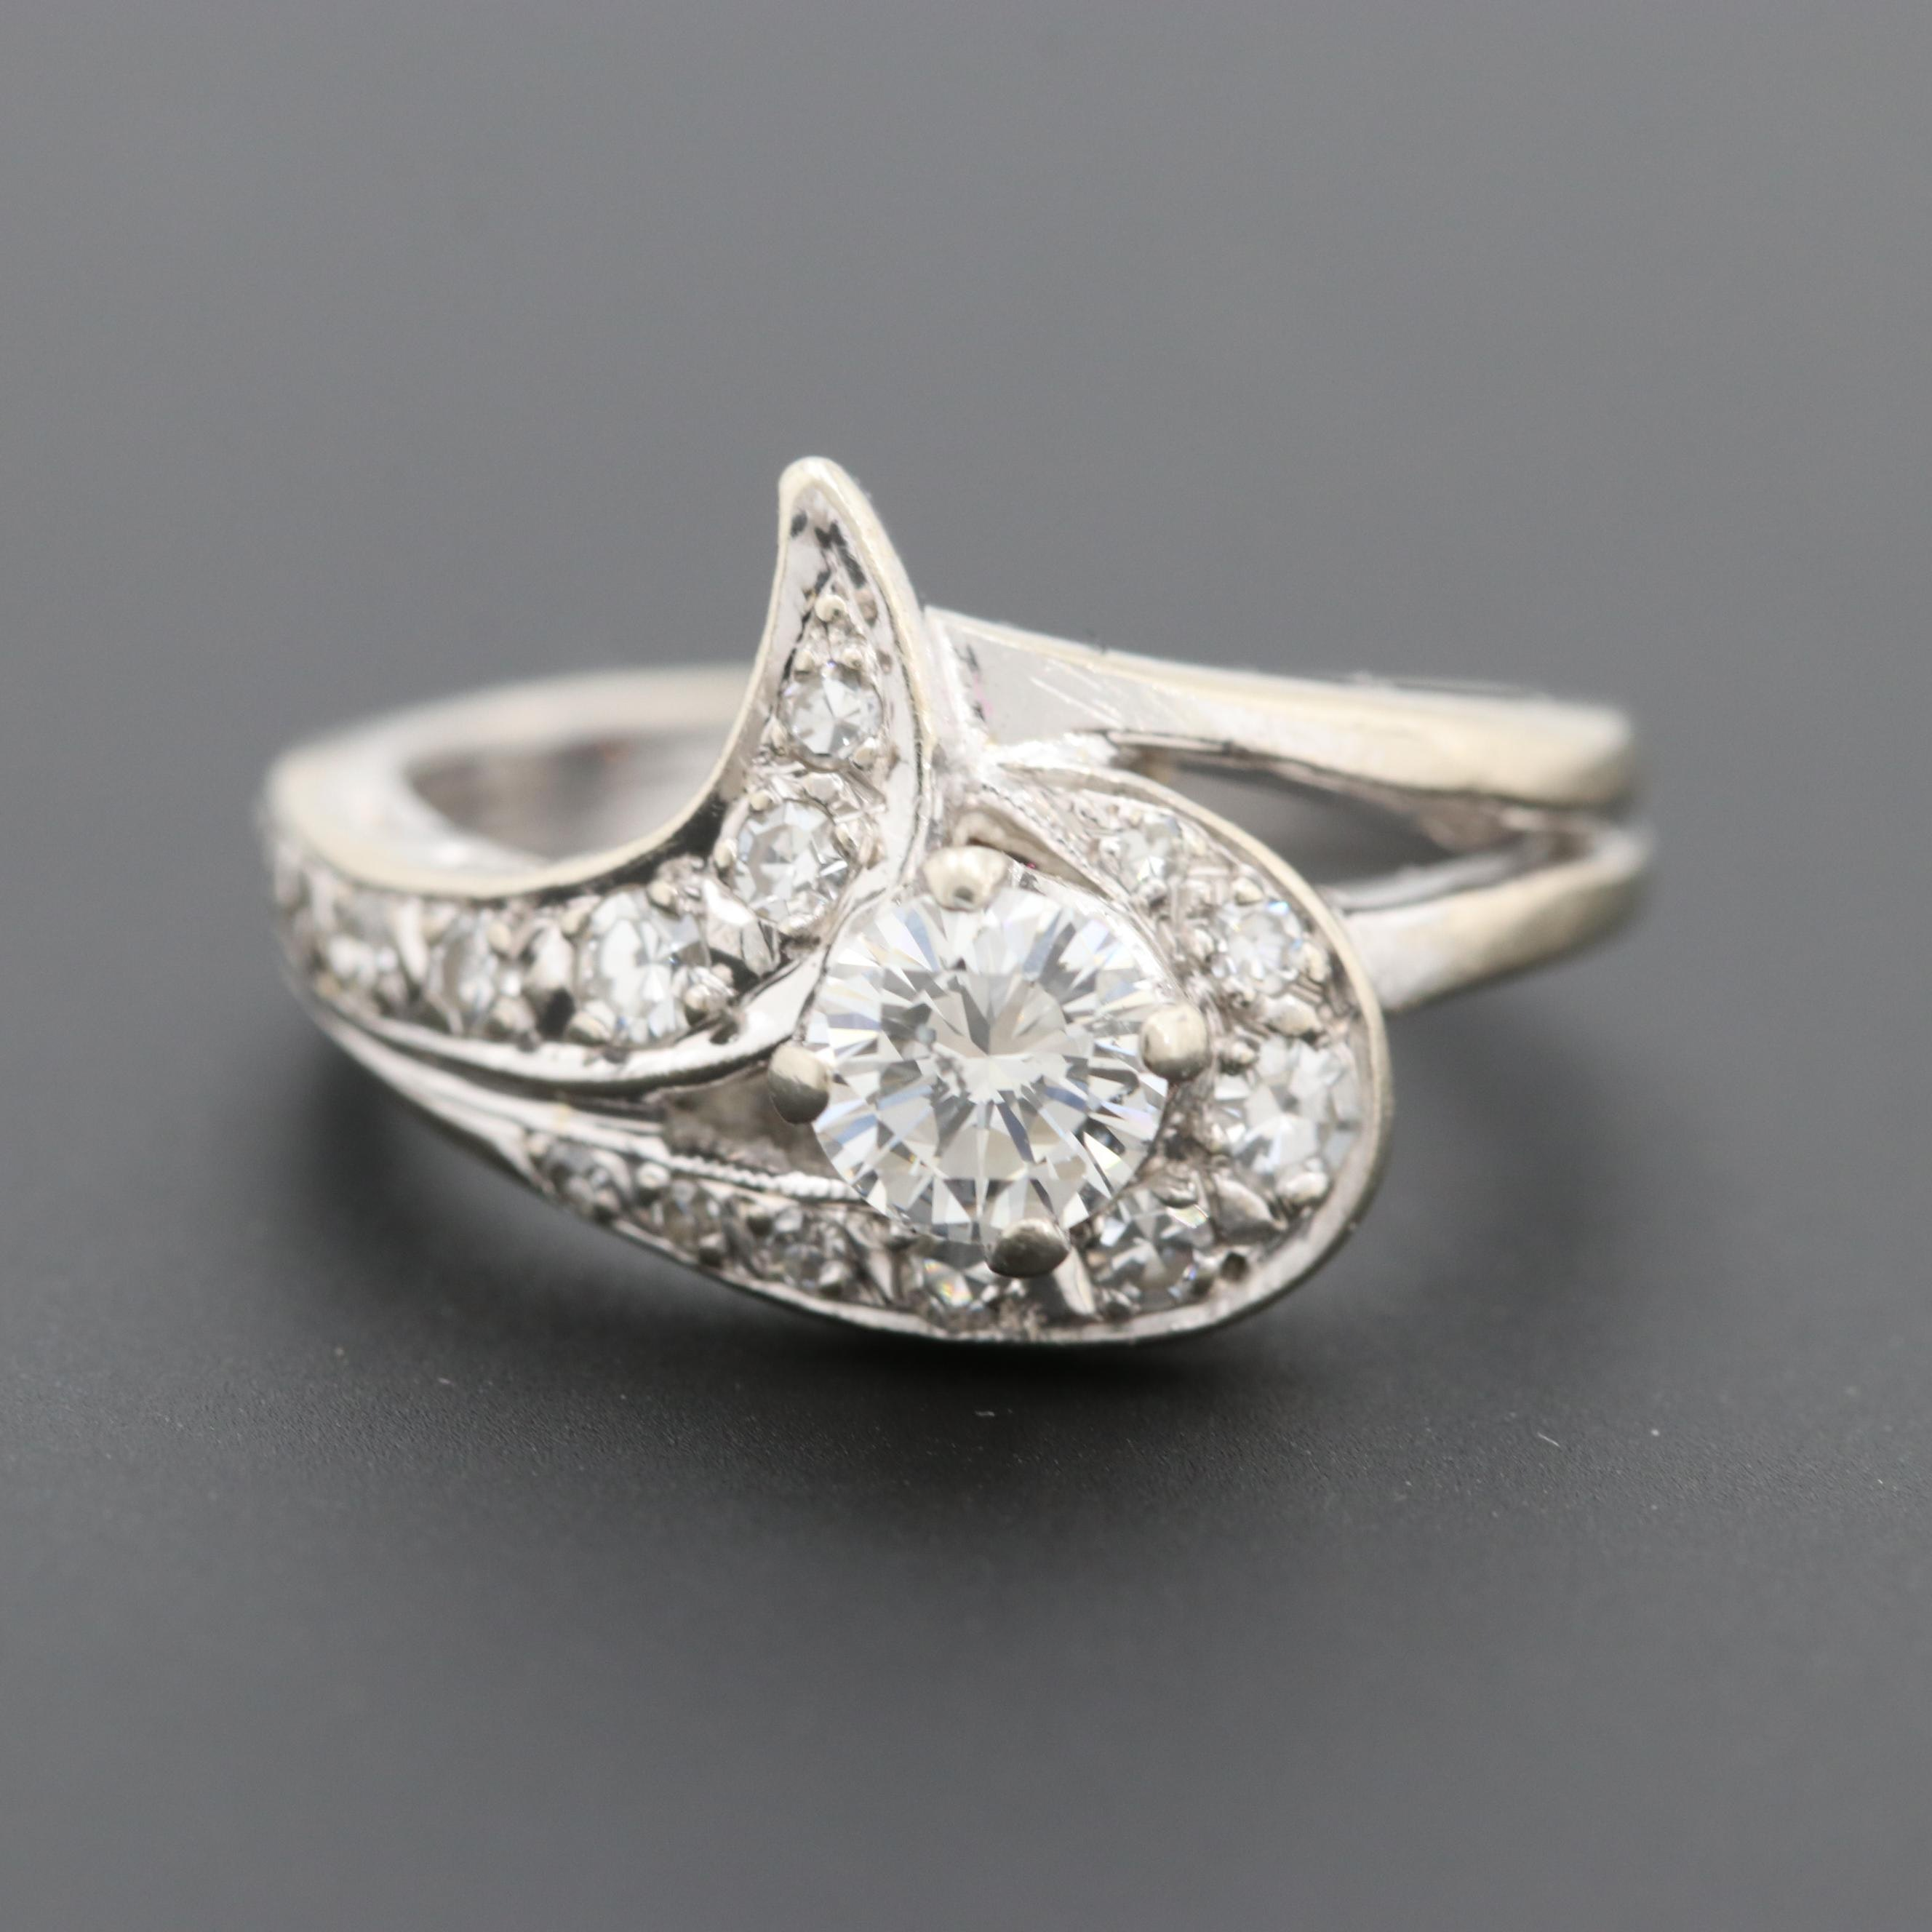 Circa 1940s 14K White Gold Diamond Ring